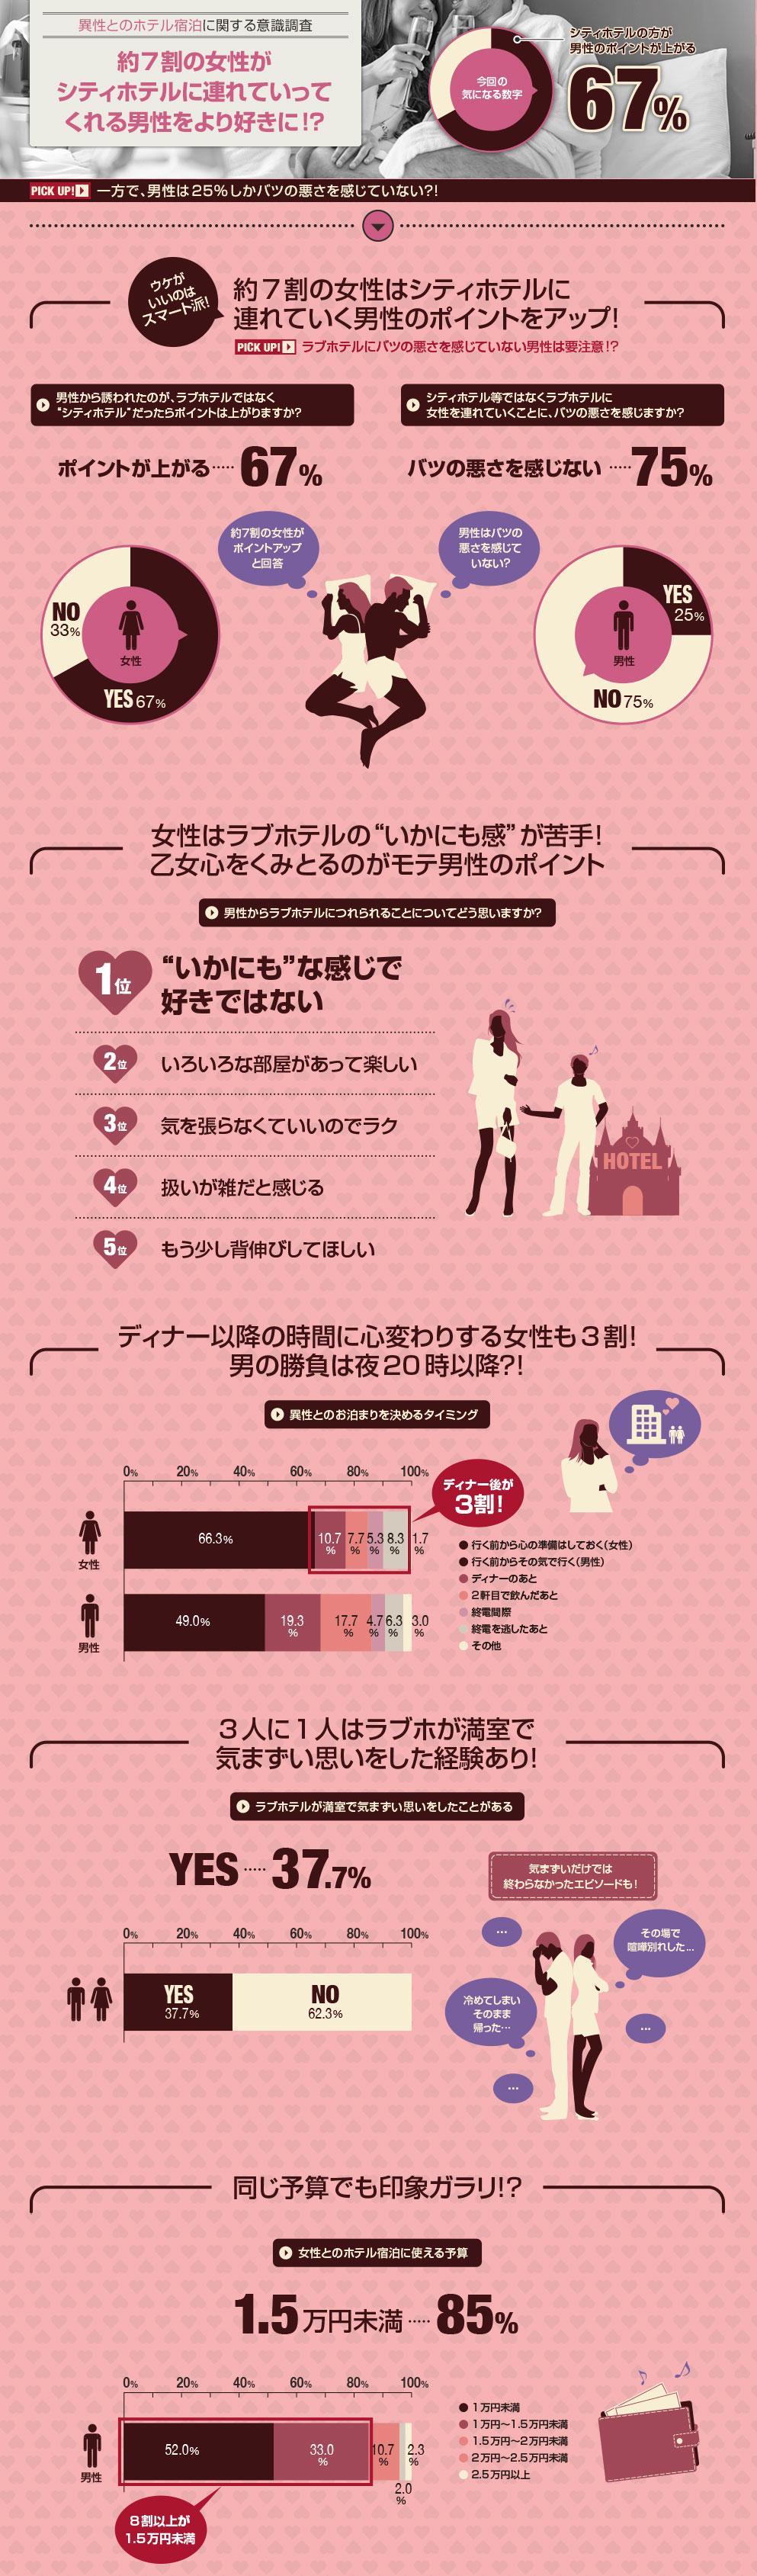 インフォグラフィック:ラブホテルを嫌う女性の理由。全男子は「乙女心」を理解せよ